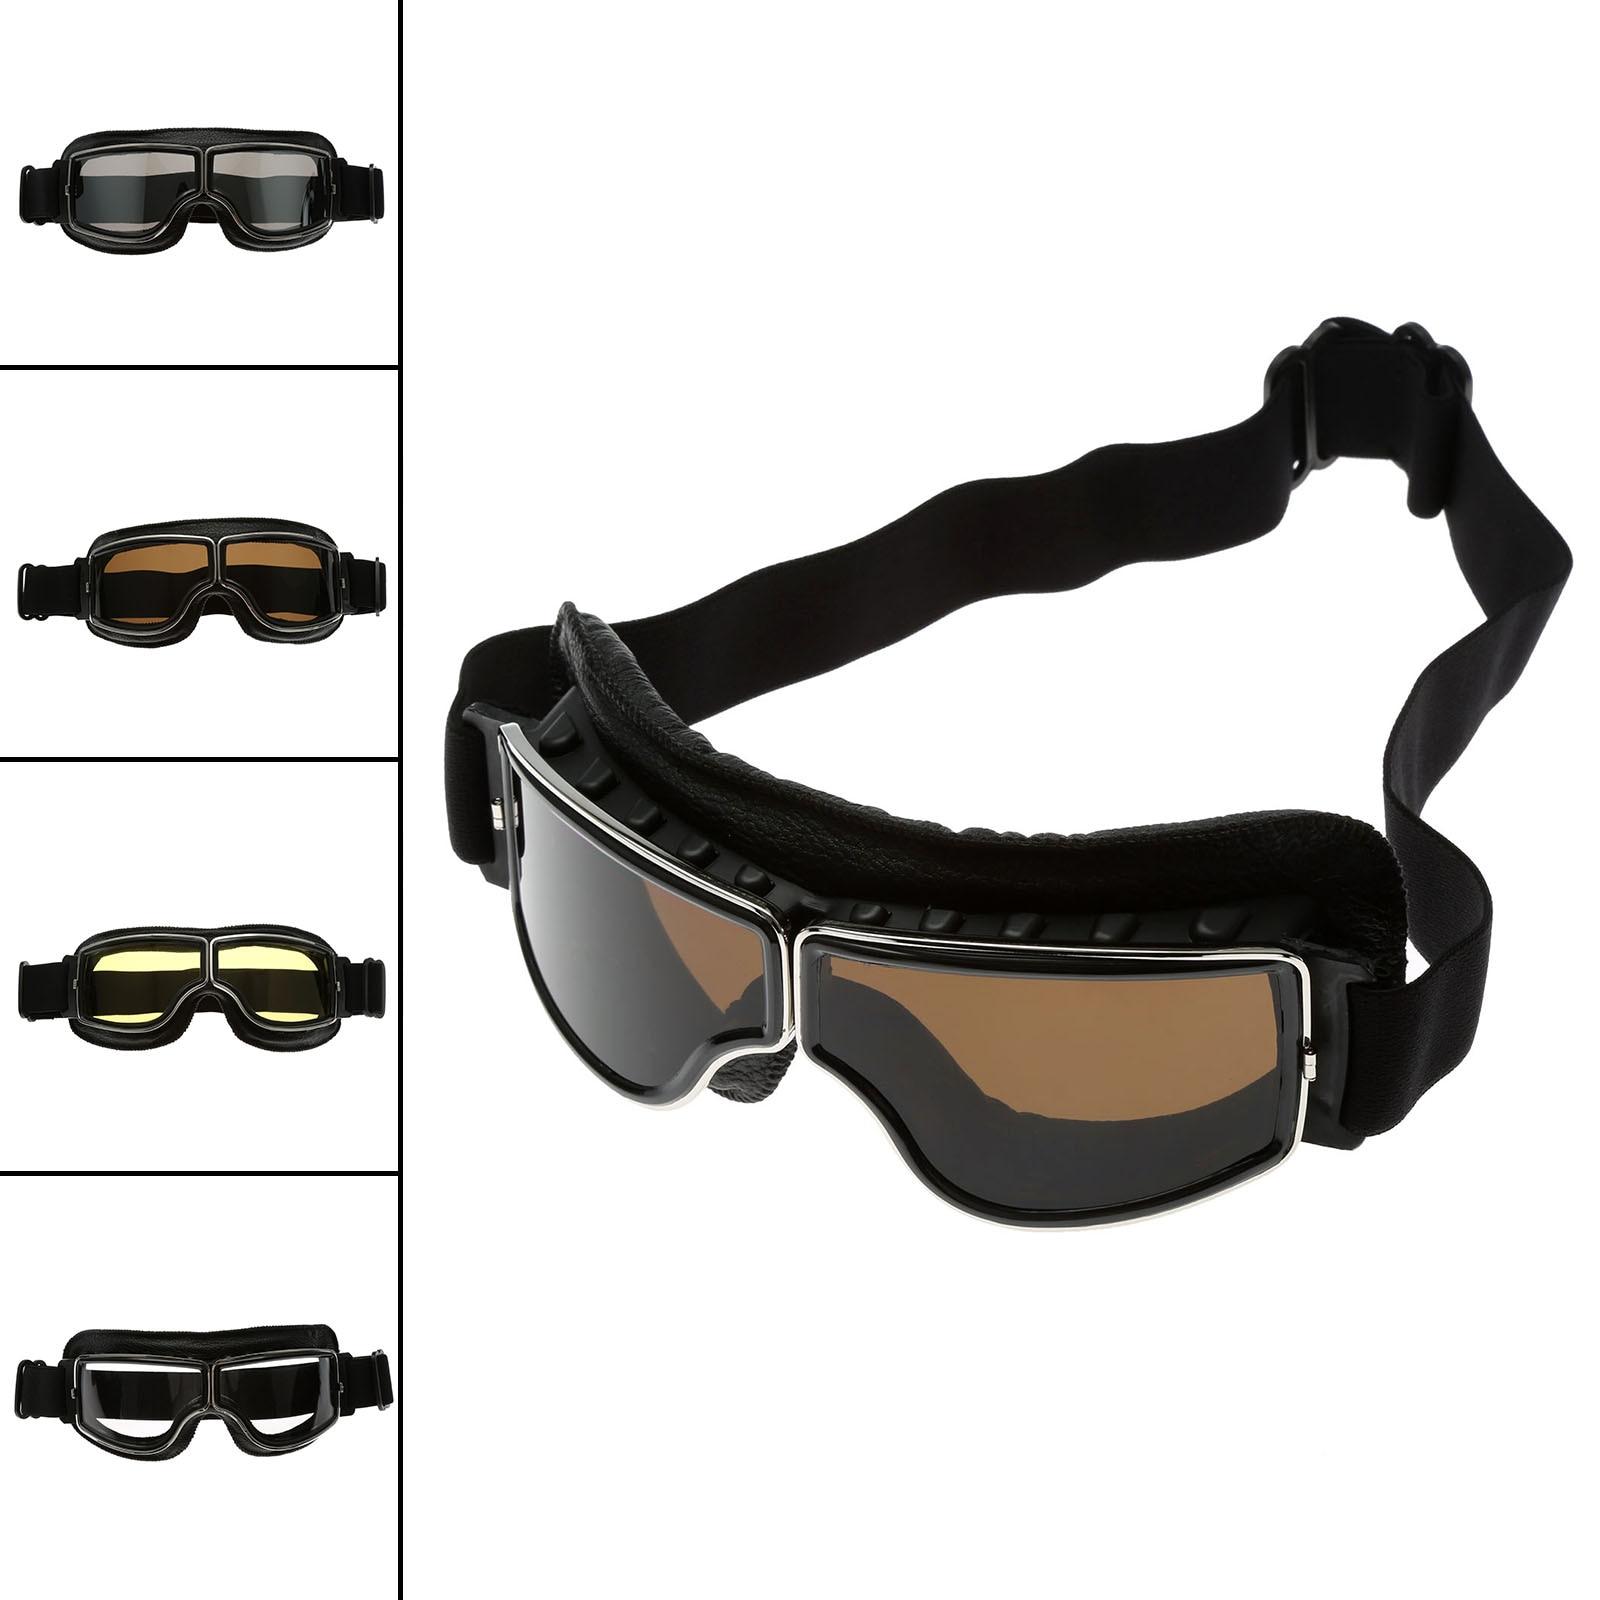 Retro Occhiali Da Moto Per Harley Casco Motocross Occhiali di Protezione UV Sci Snowboard Skate Occhiali Retro Eyewear Lente In Pelle